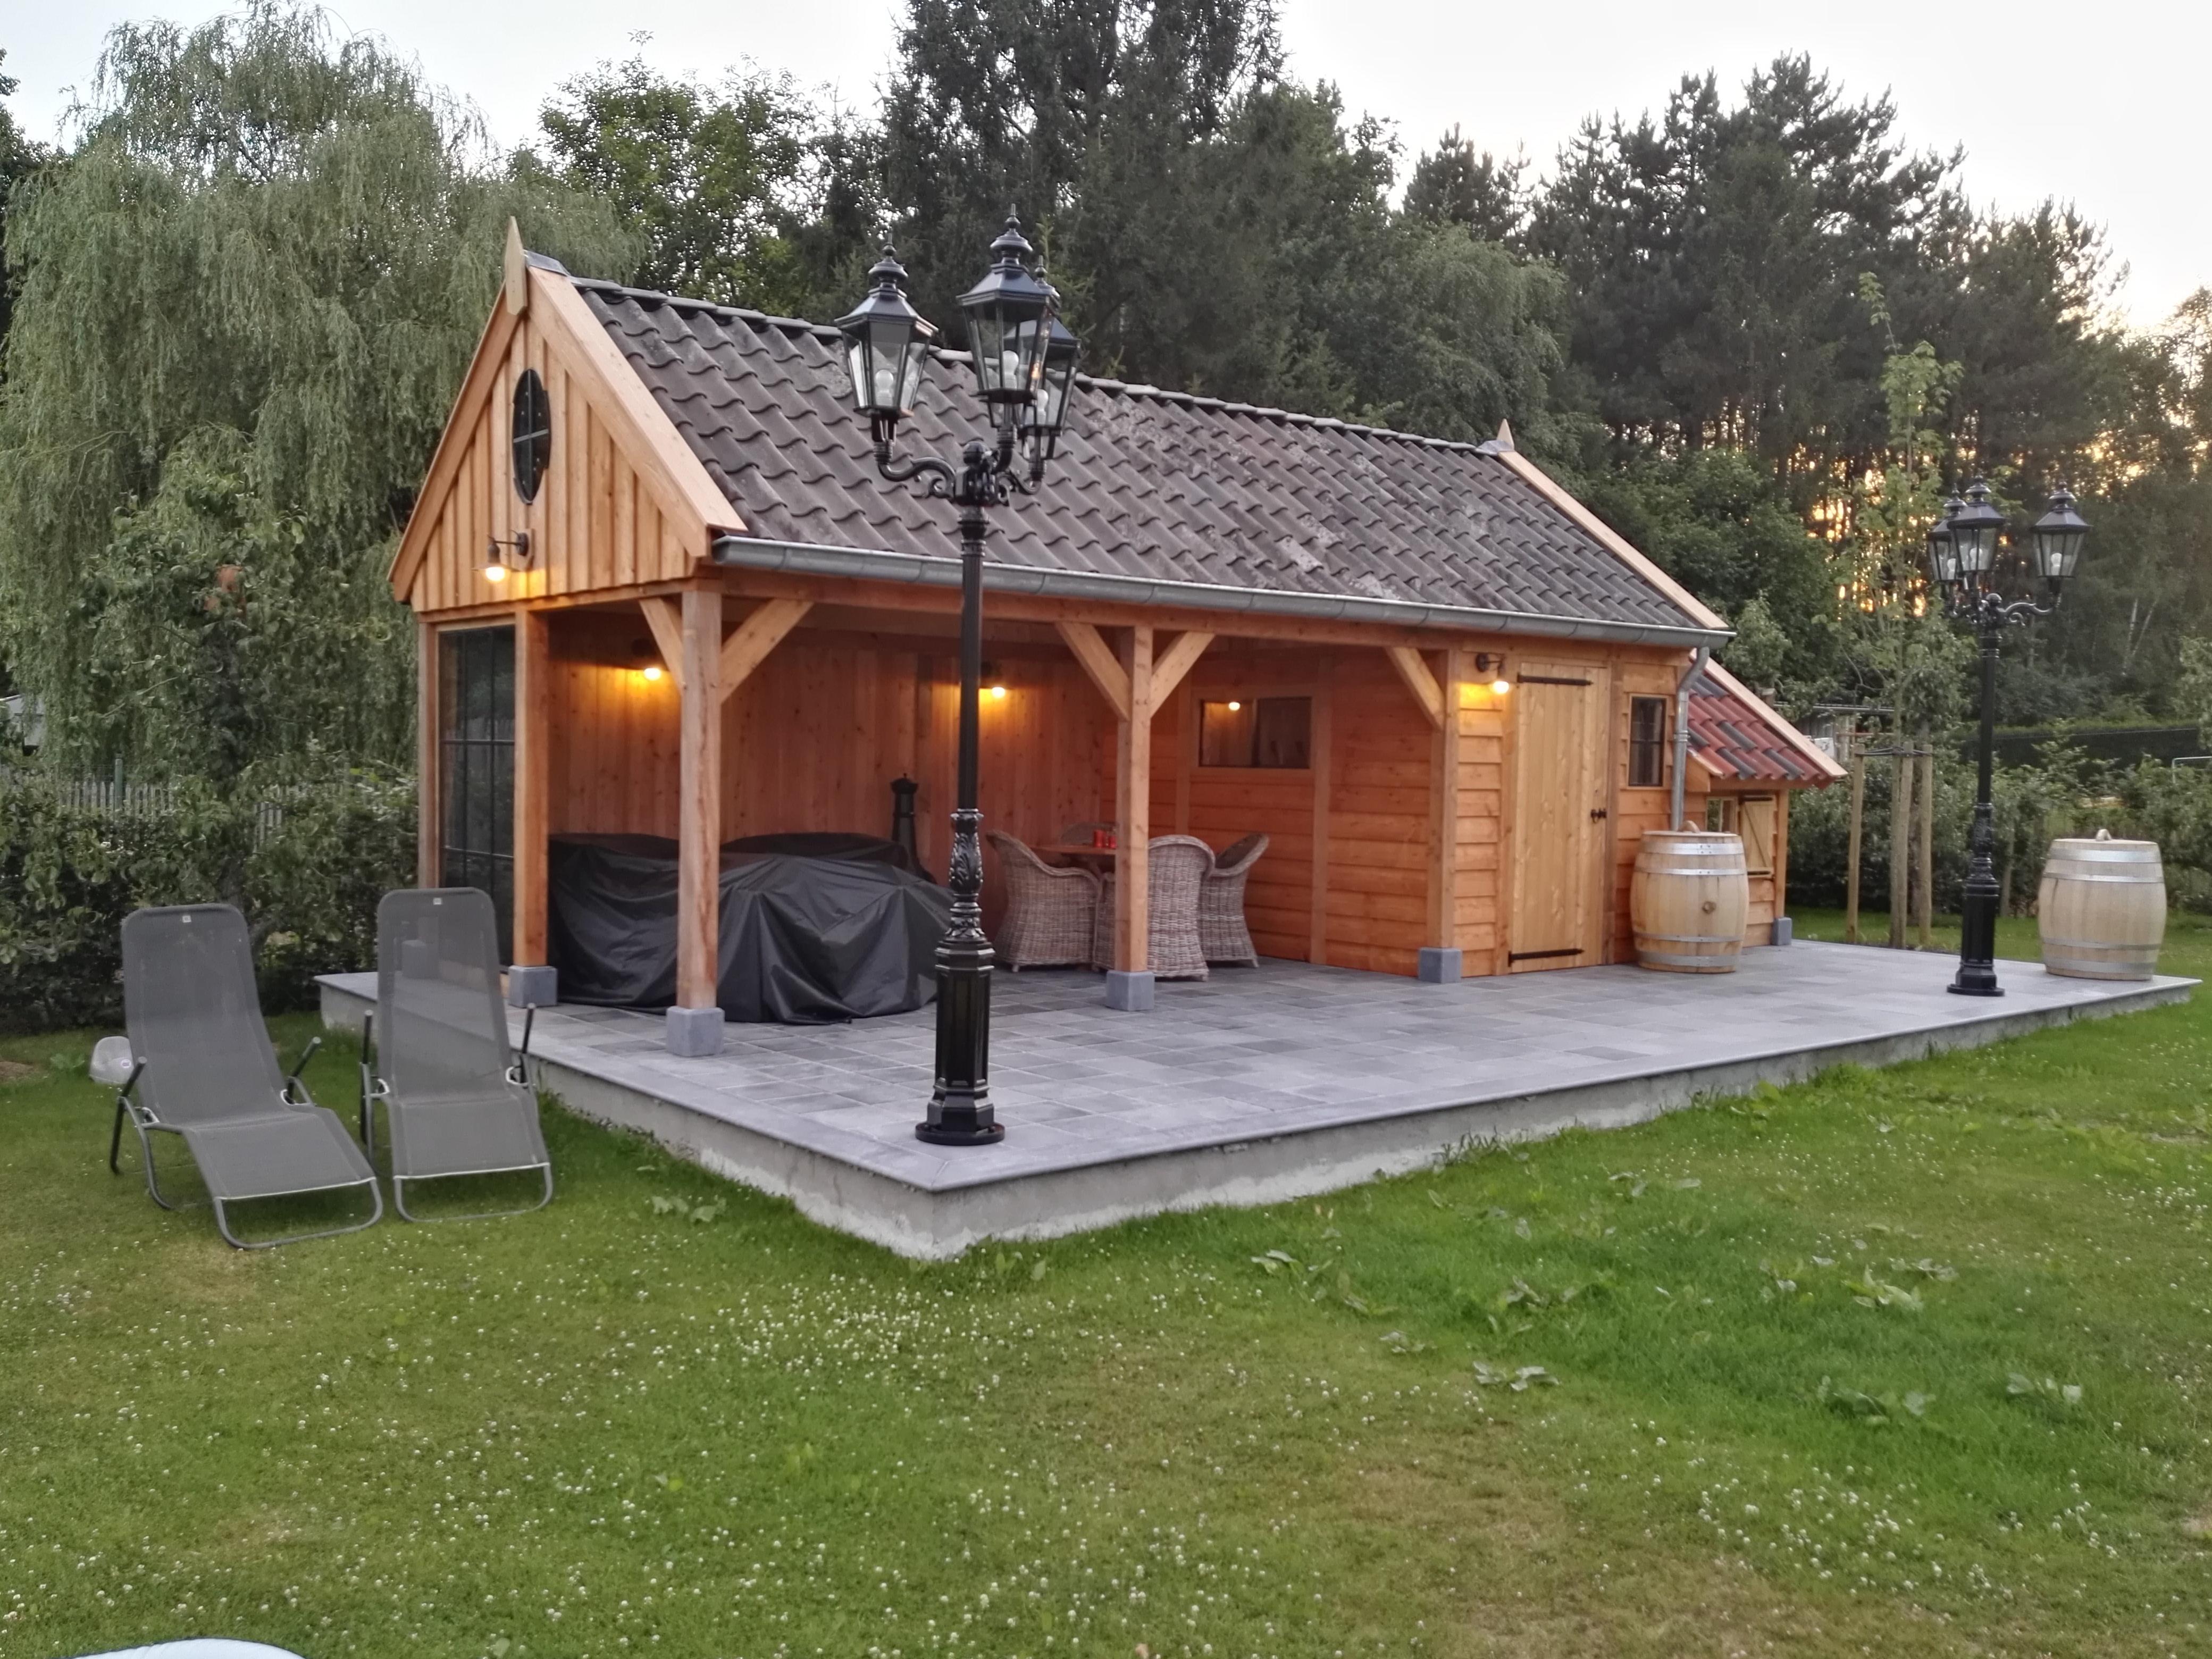 tuinkamer - Luxe houten bijgebouw met riante tuinkamer.